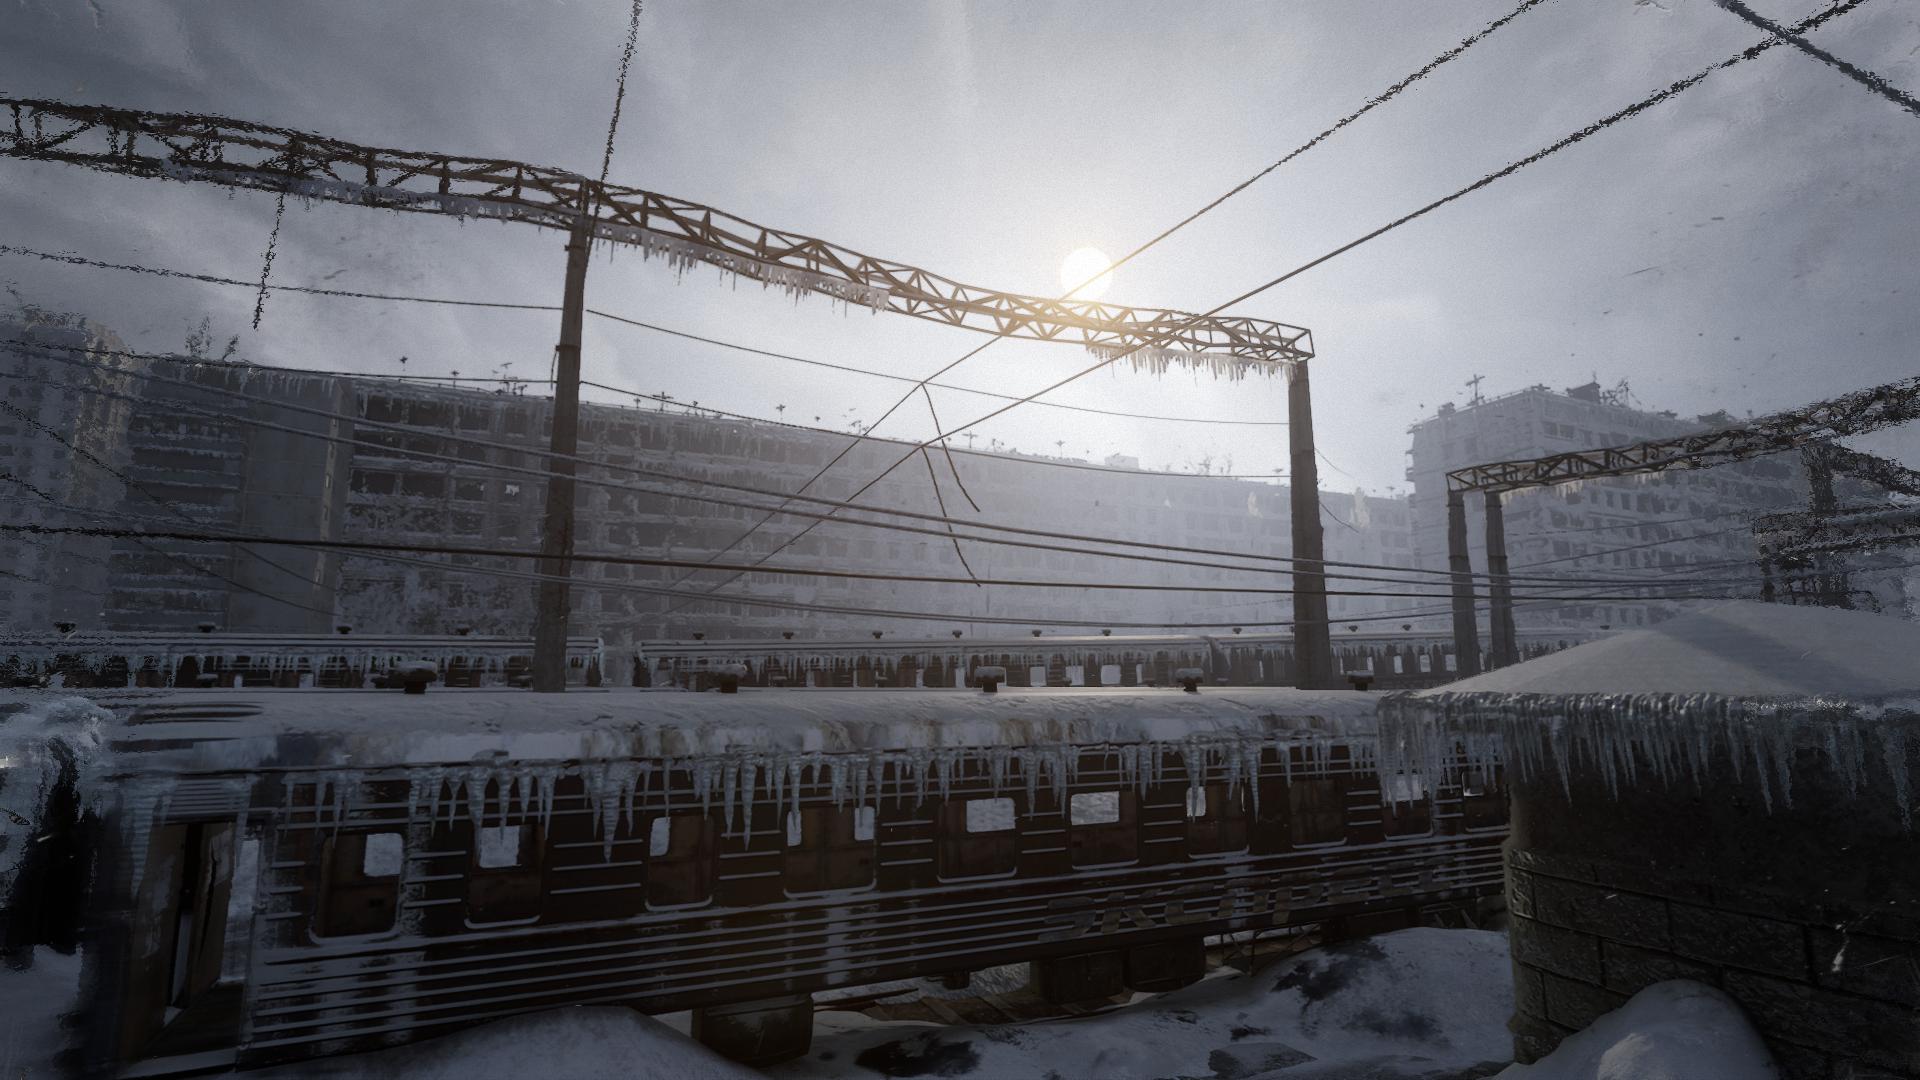 MetroExodus 2019-03-13 05-30-14-933.png - Metro Exodus